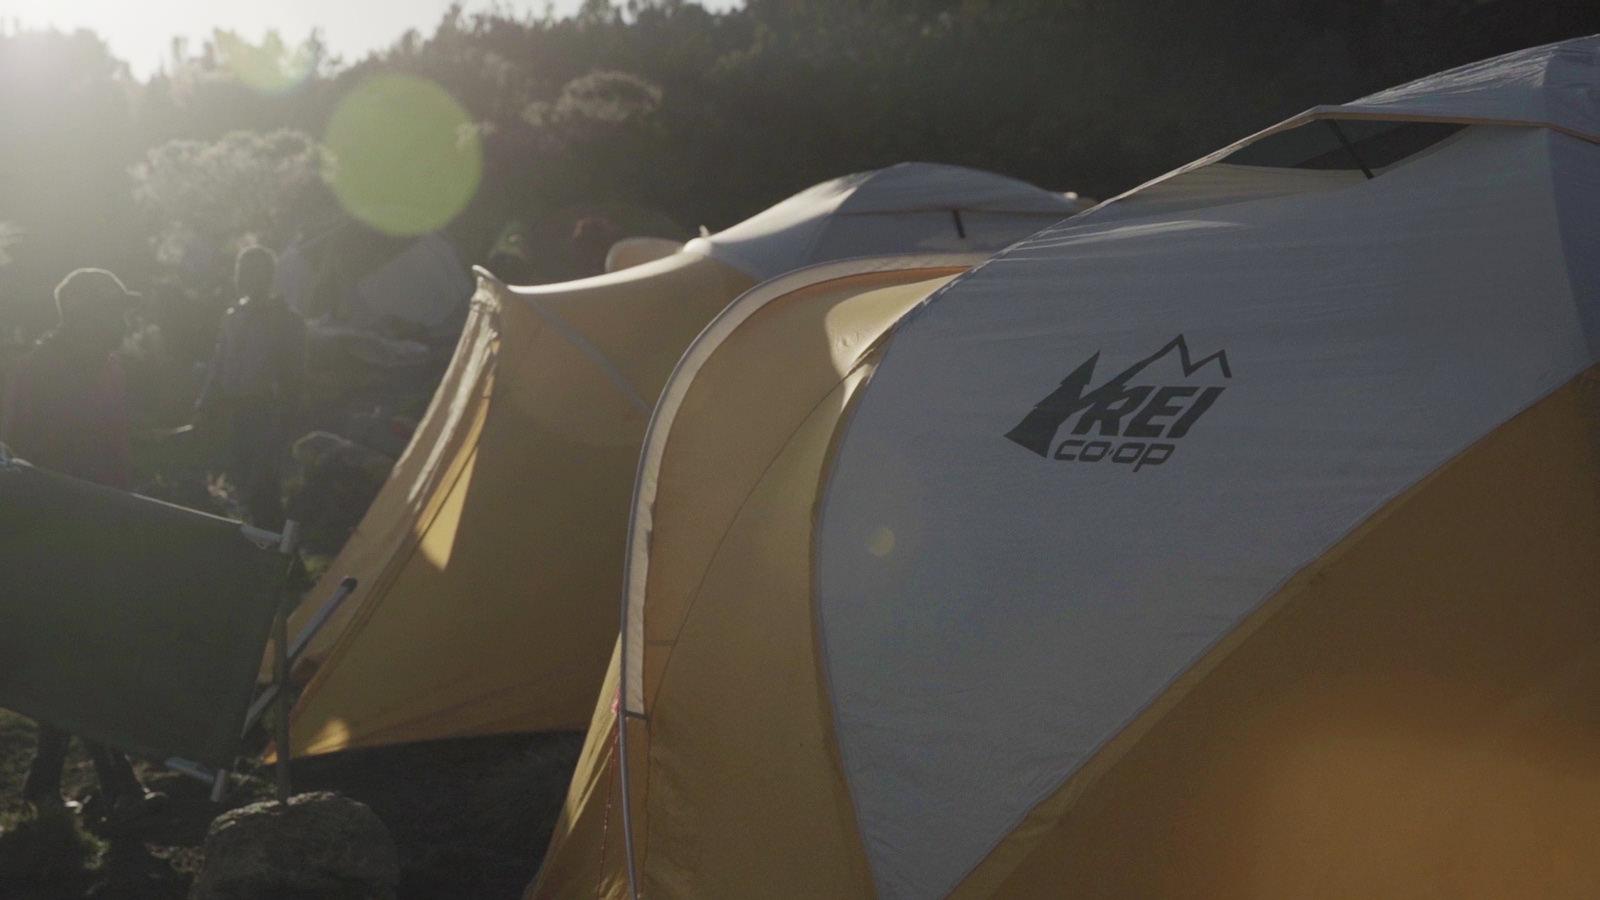 kili-tents-blog.jpg